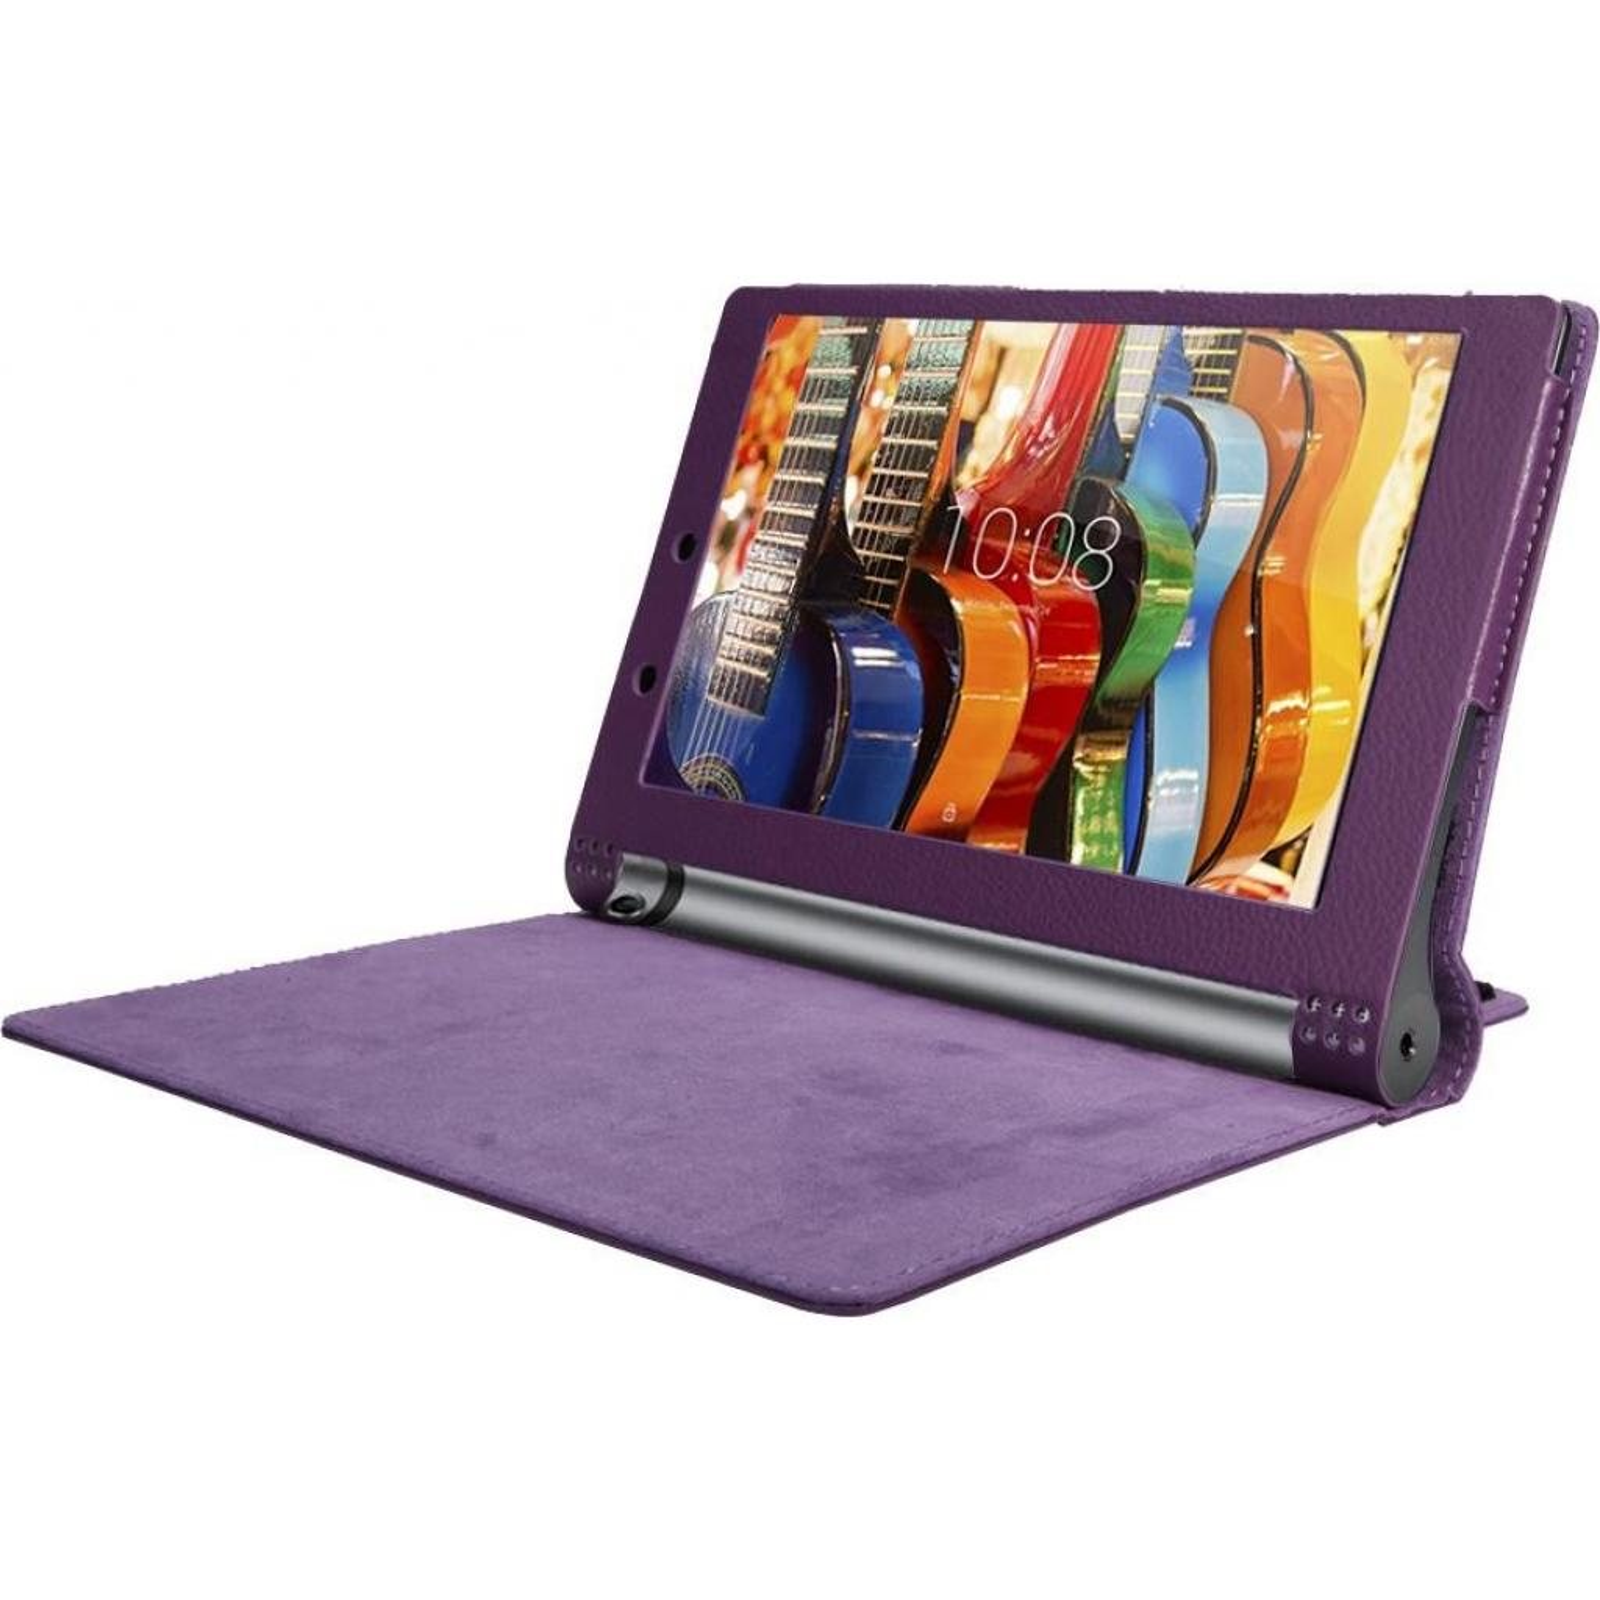 Чехол для планшета AirOn для Lenovo YOGA Tablet 3 8'' violet (4822352779641) изображение 5